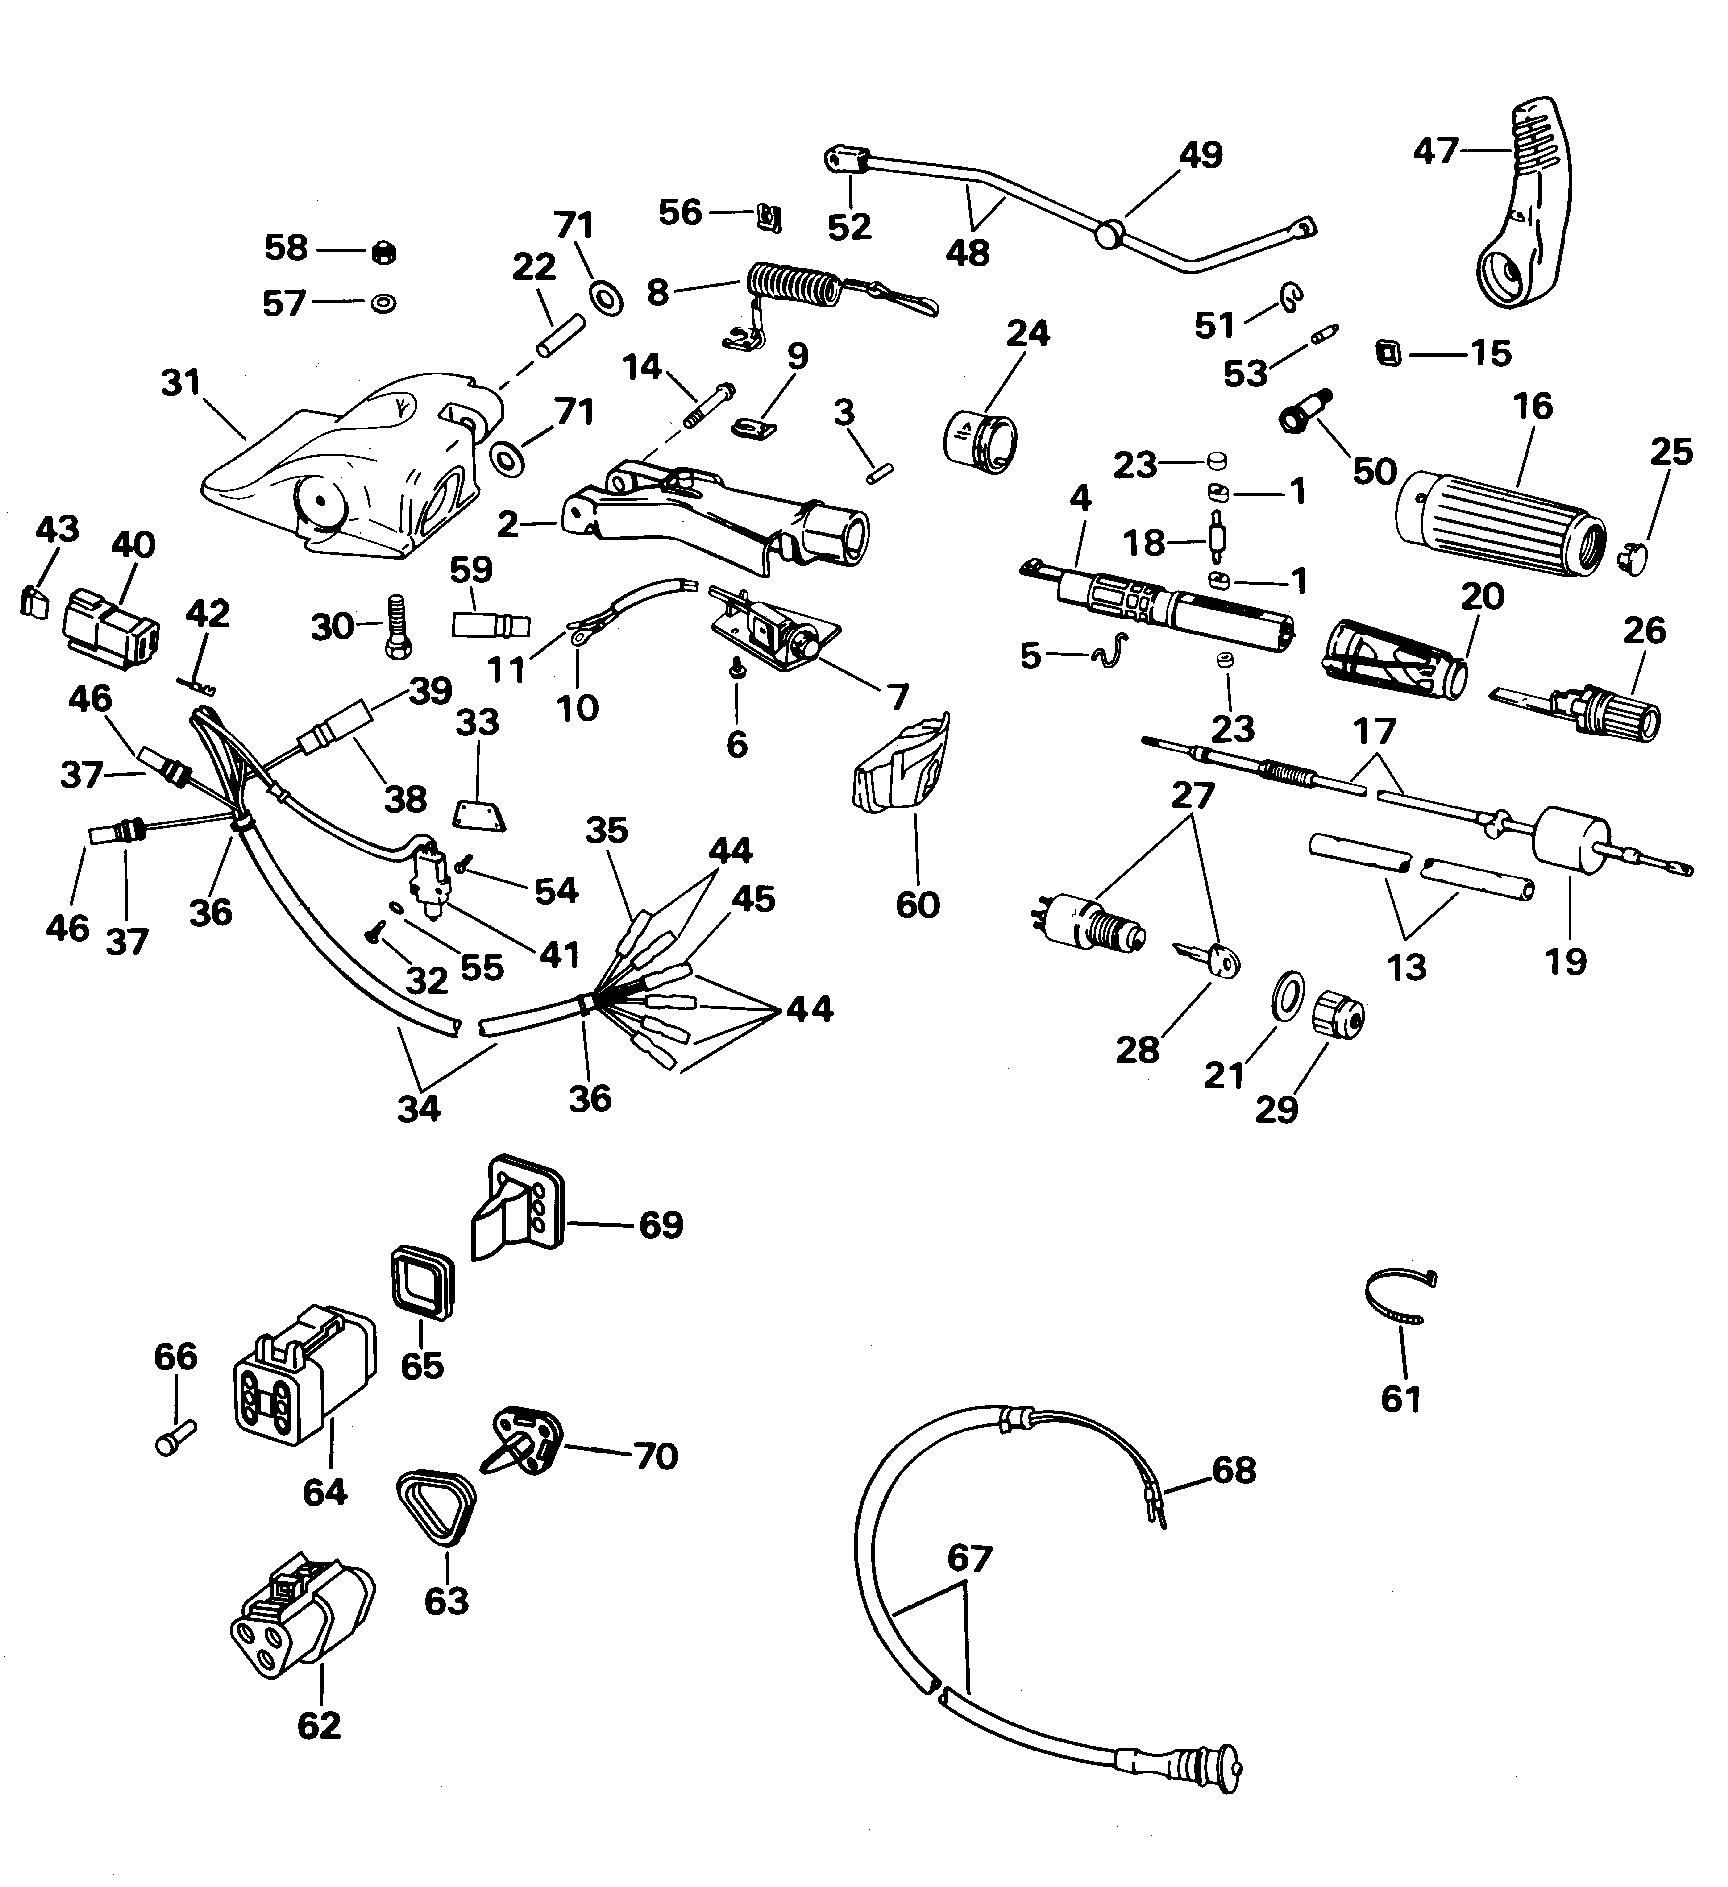 92 eclipse igniter wiring diagram